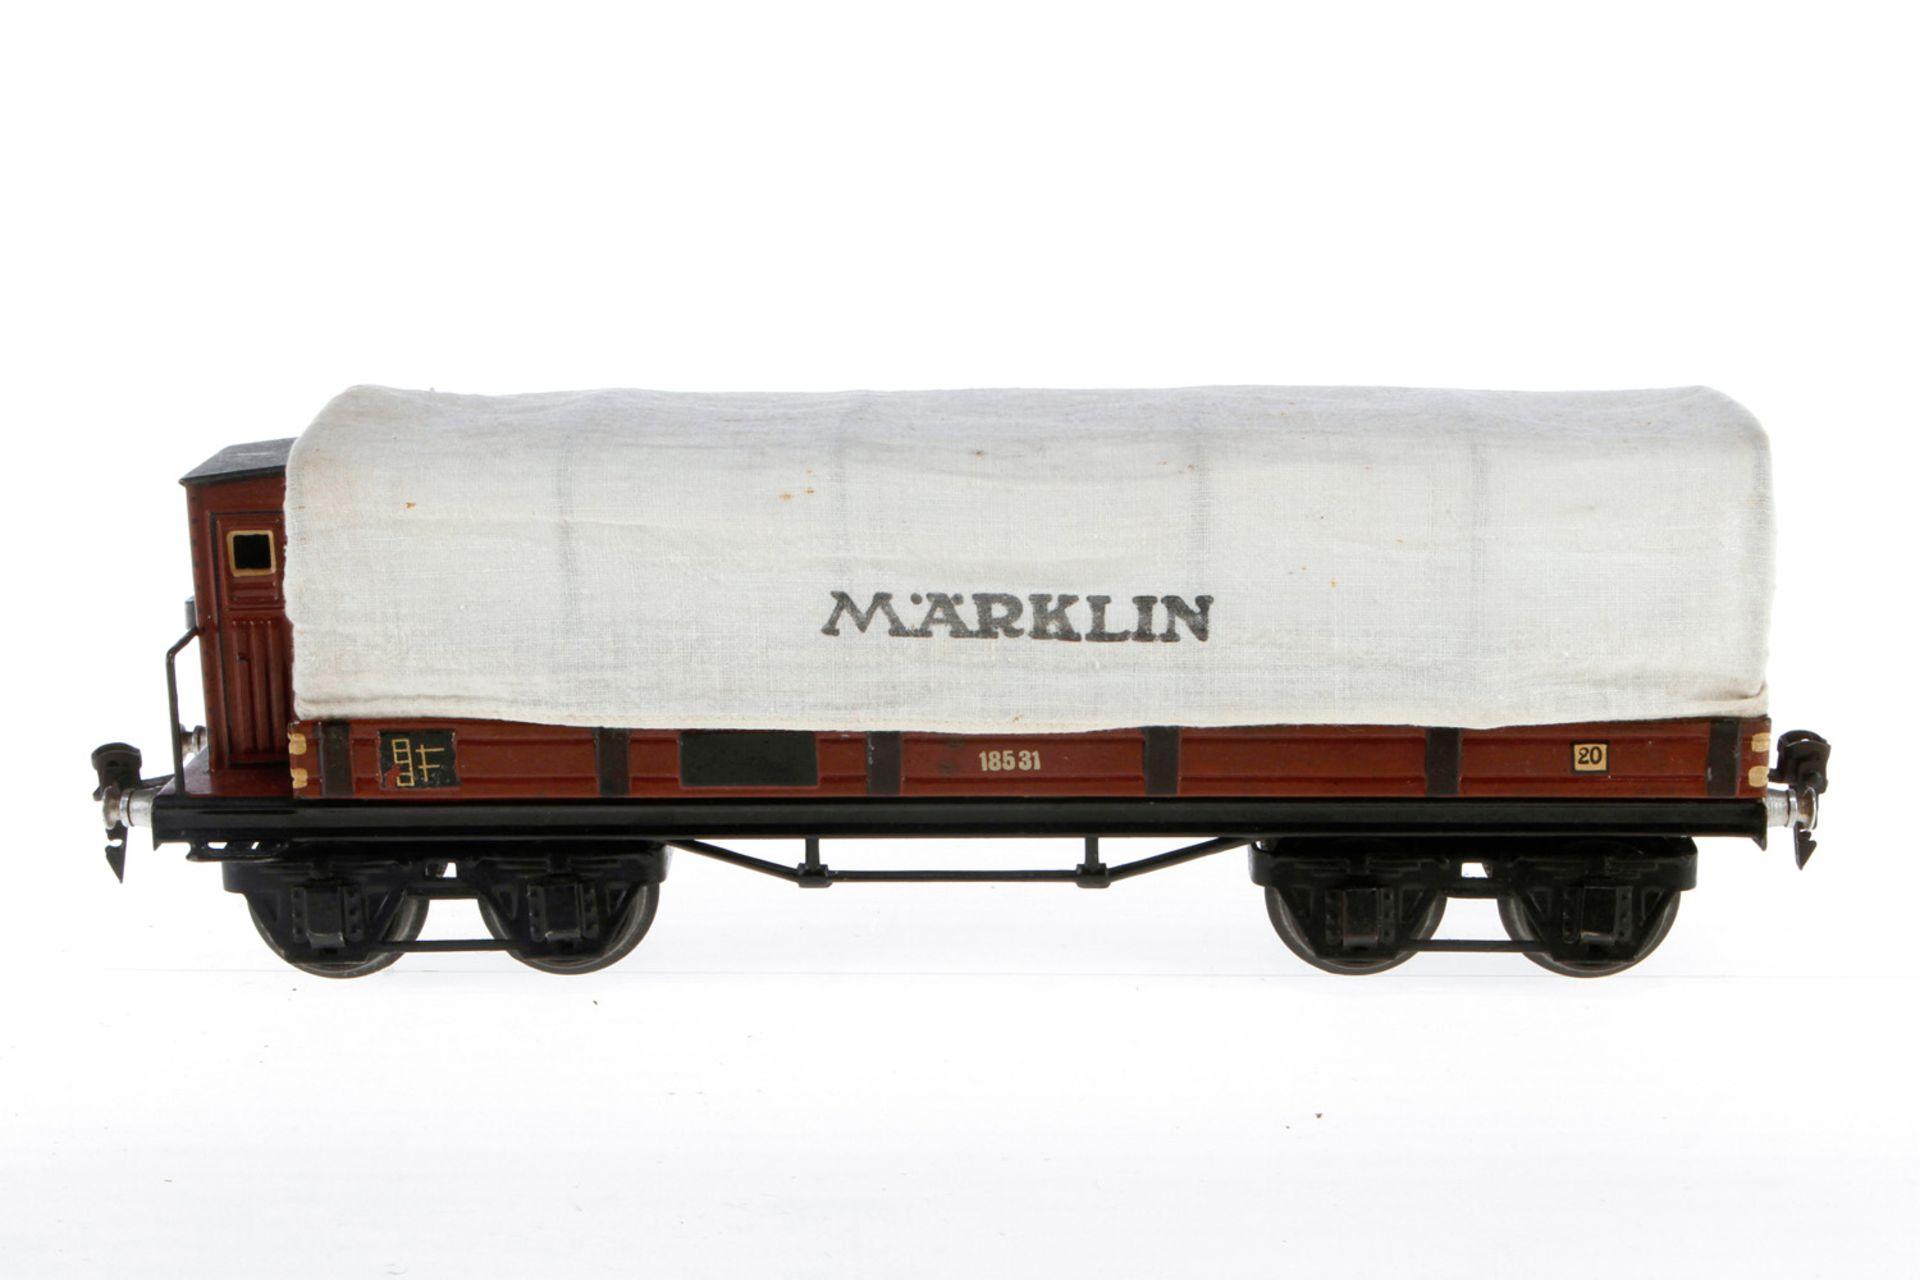 Märklin Planewagen 1853, S 1, HL, mit BRH, Export-Ausführung, LS und gealterter Lack, L 33,5, Z 2-3